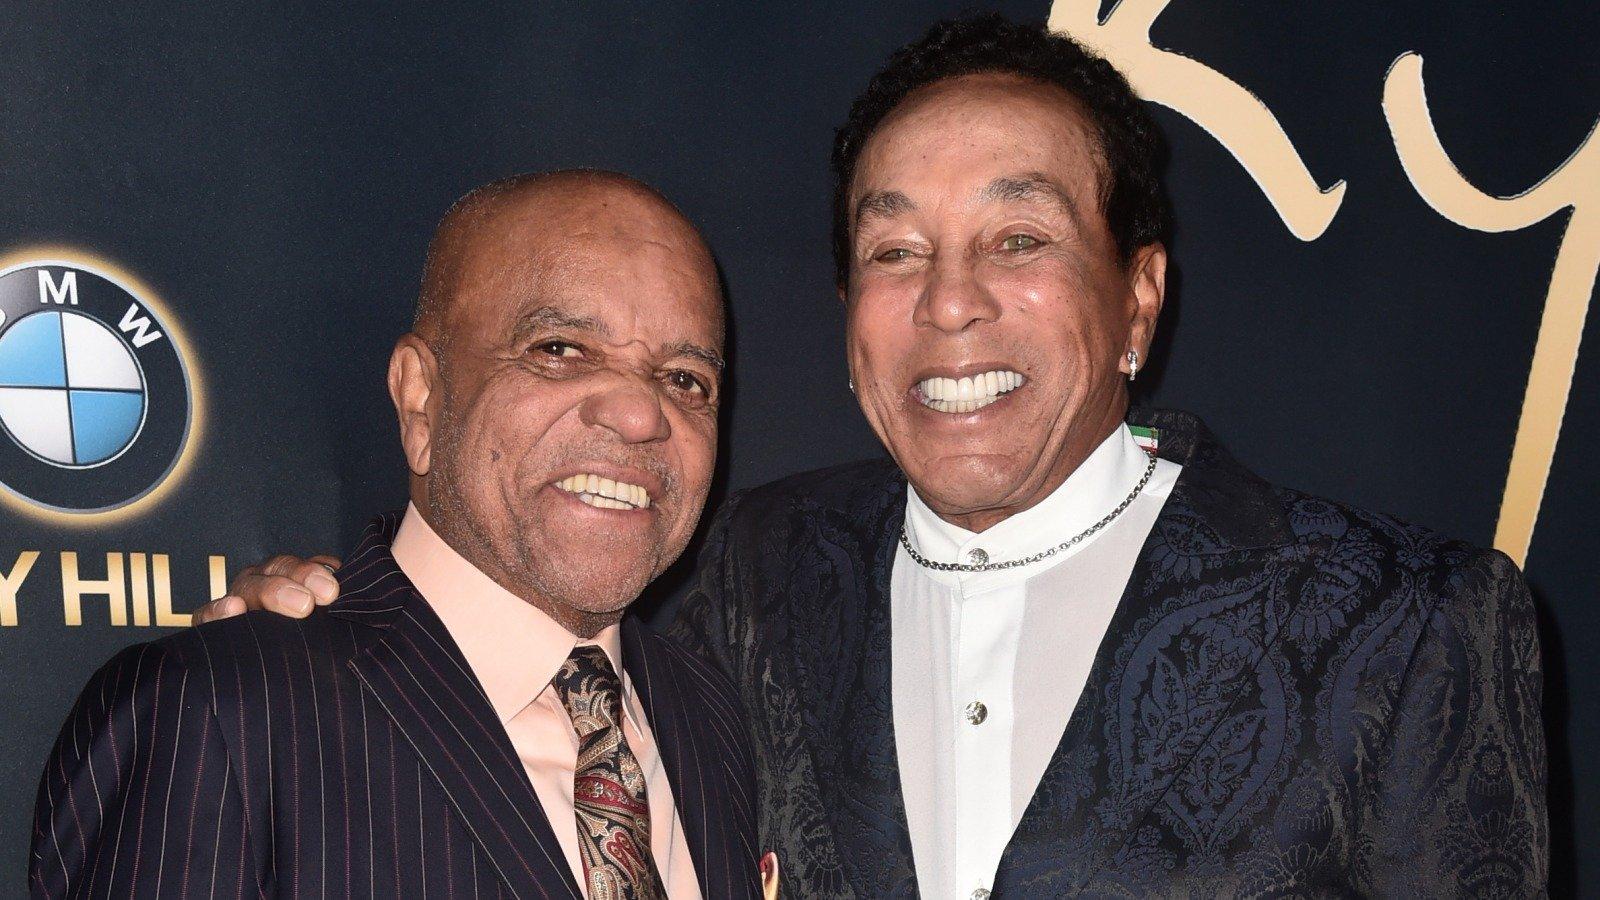 The Surprising Way Smokey Robinson Met The Motown Founder